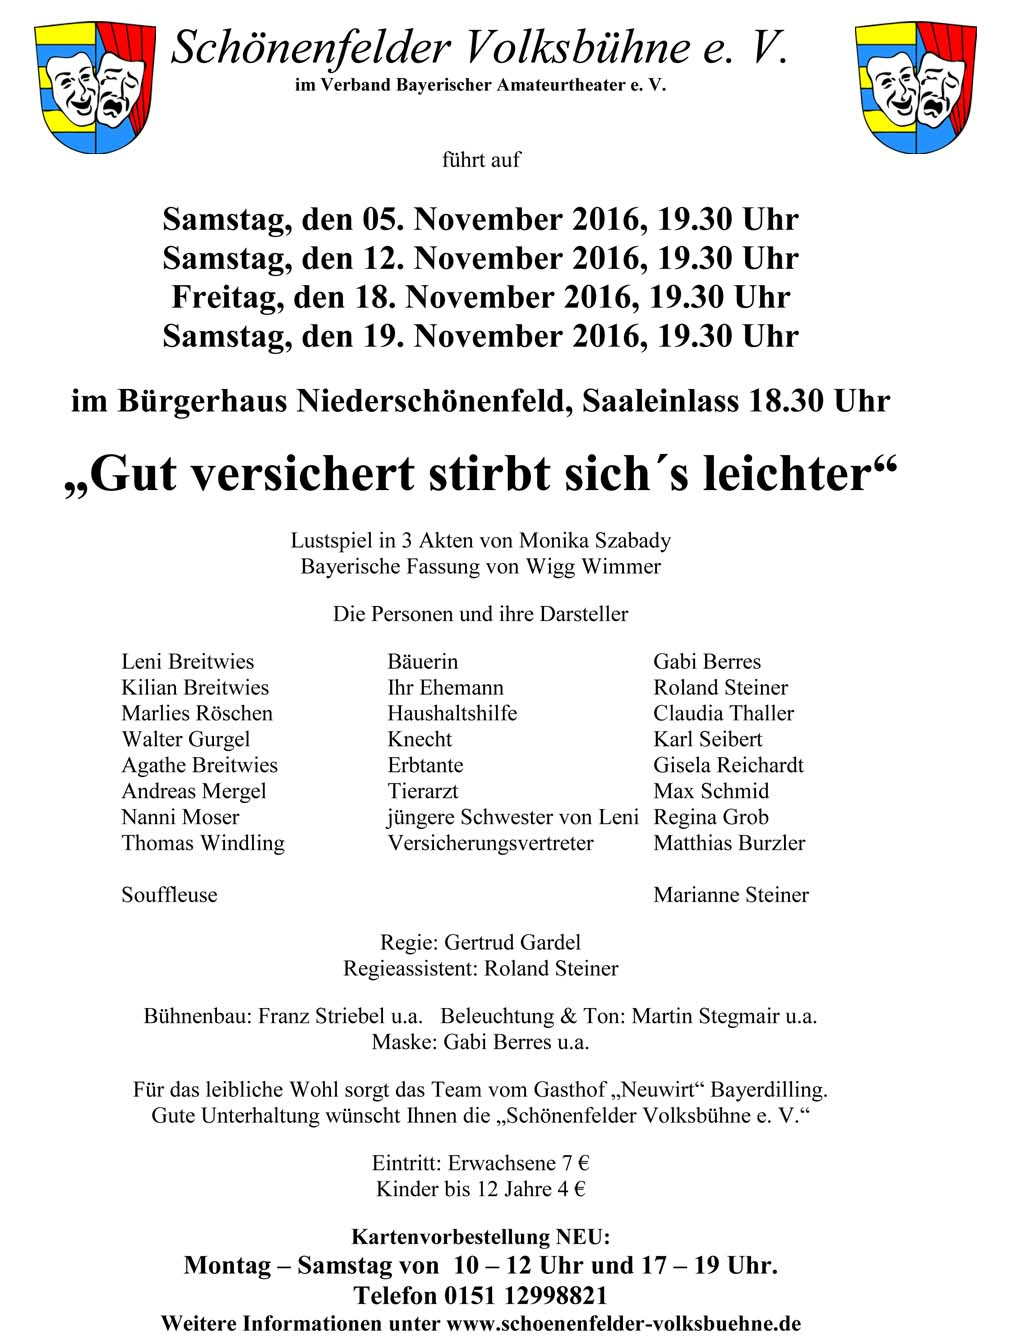 Schönenfelder Volksbühne e